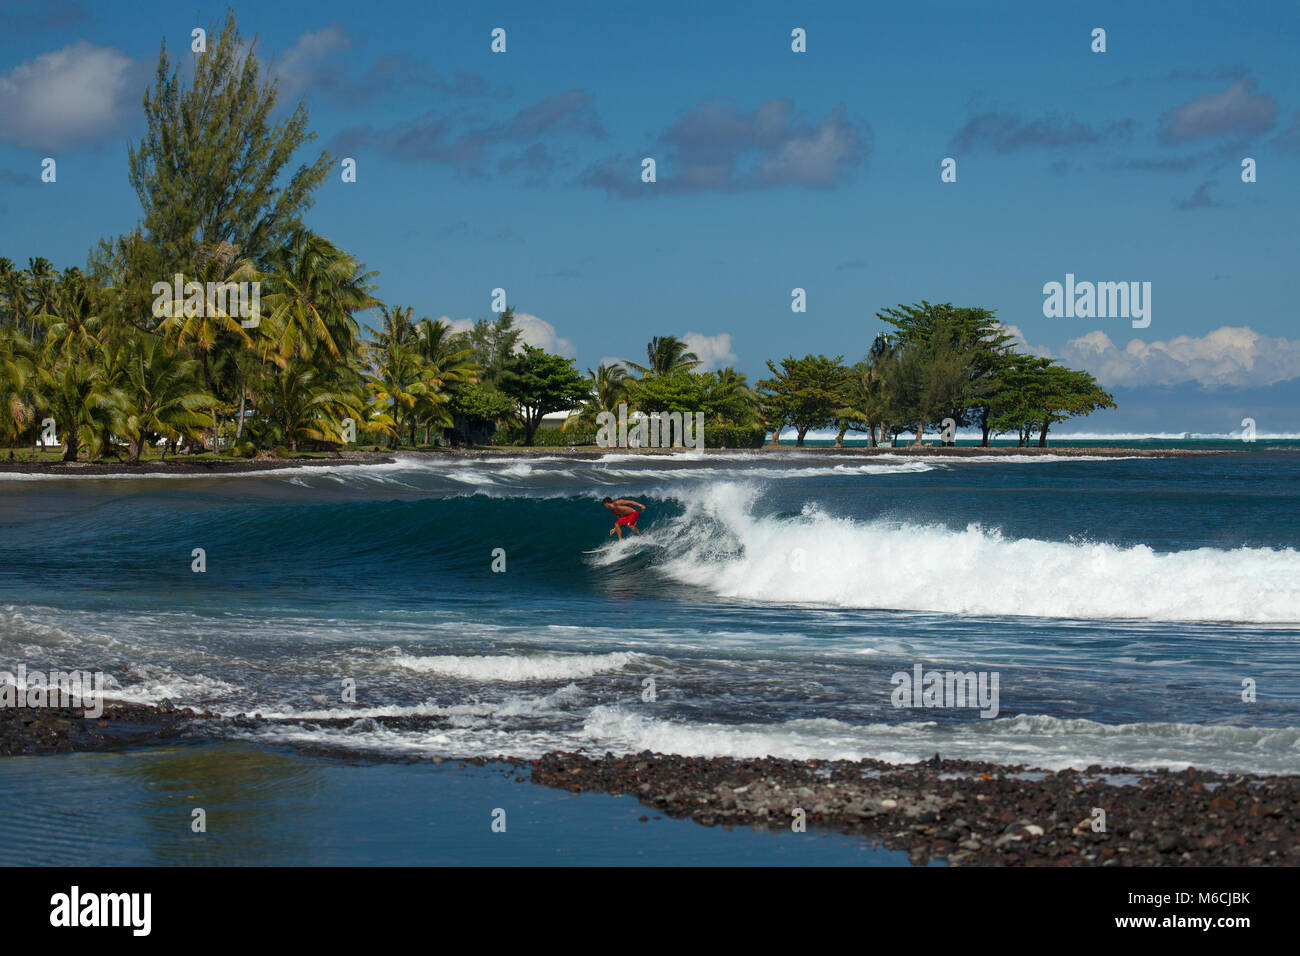 Le surf, la plage de Teahupoo, Tahiti, Polynésie Française Banque D'Images